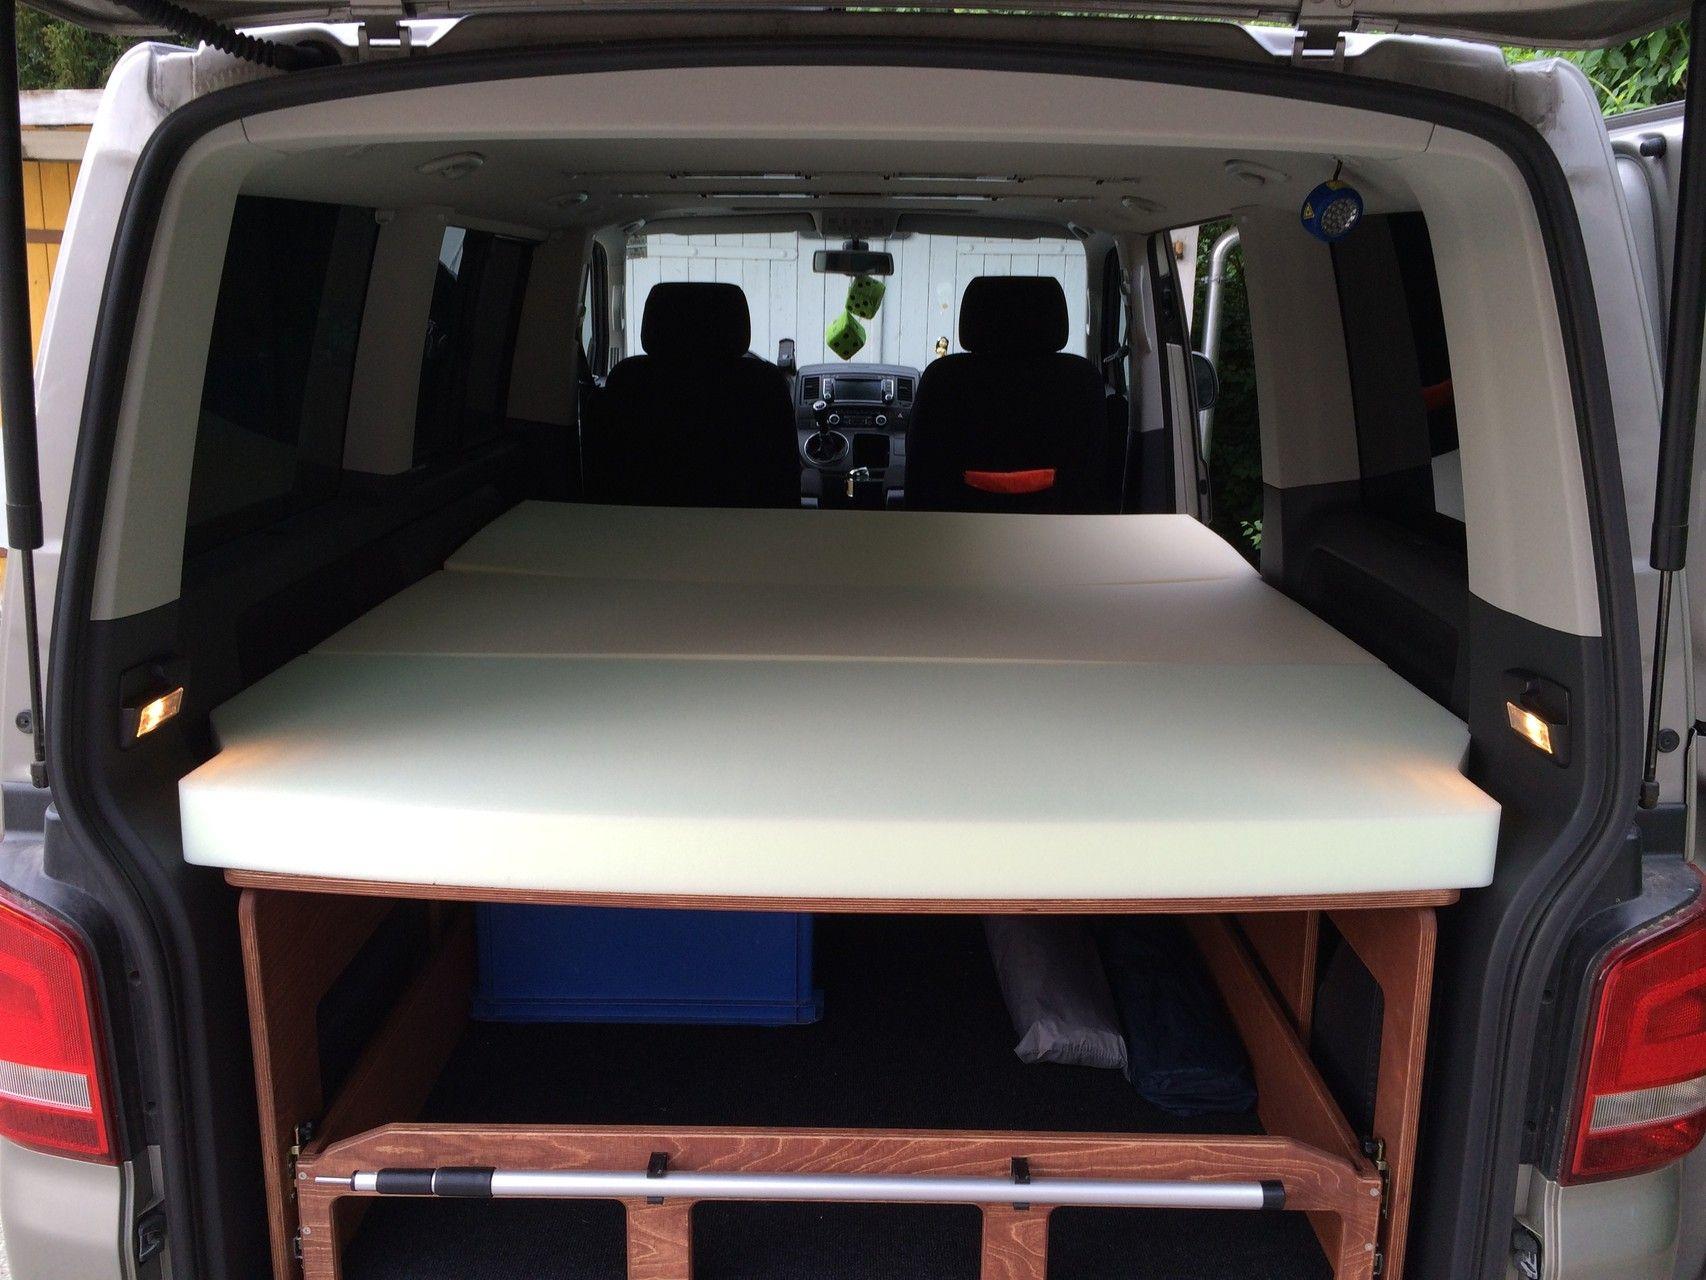 Fahrzeugausbau Camping Multiflexboard Alternative Vw T5